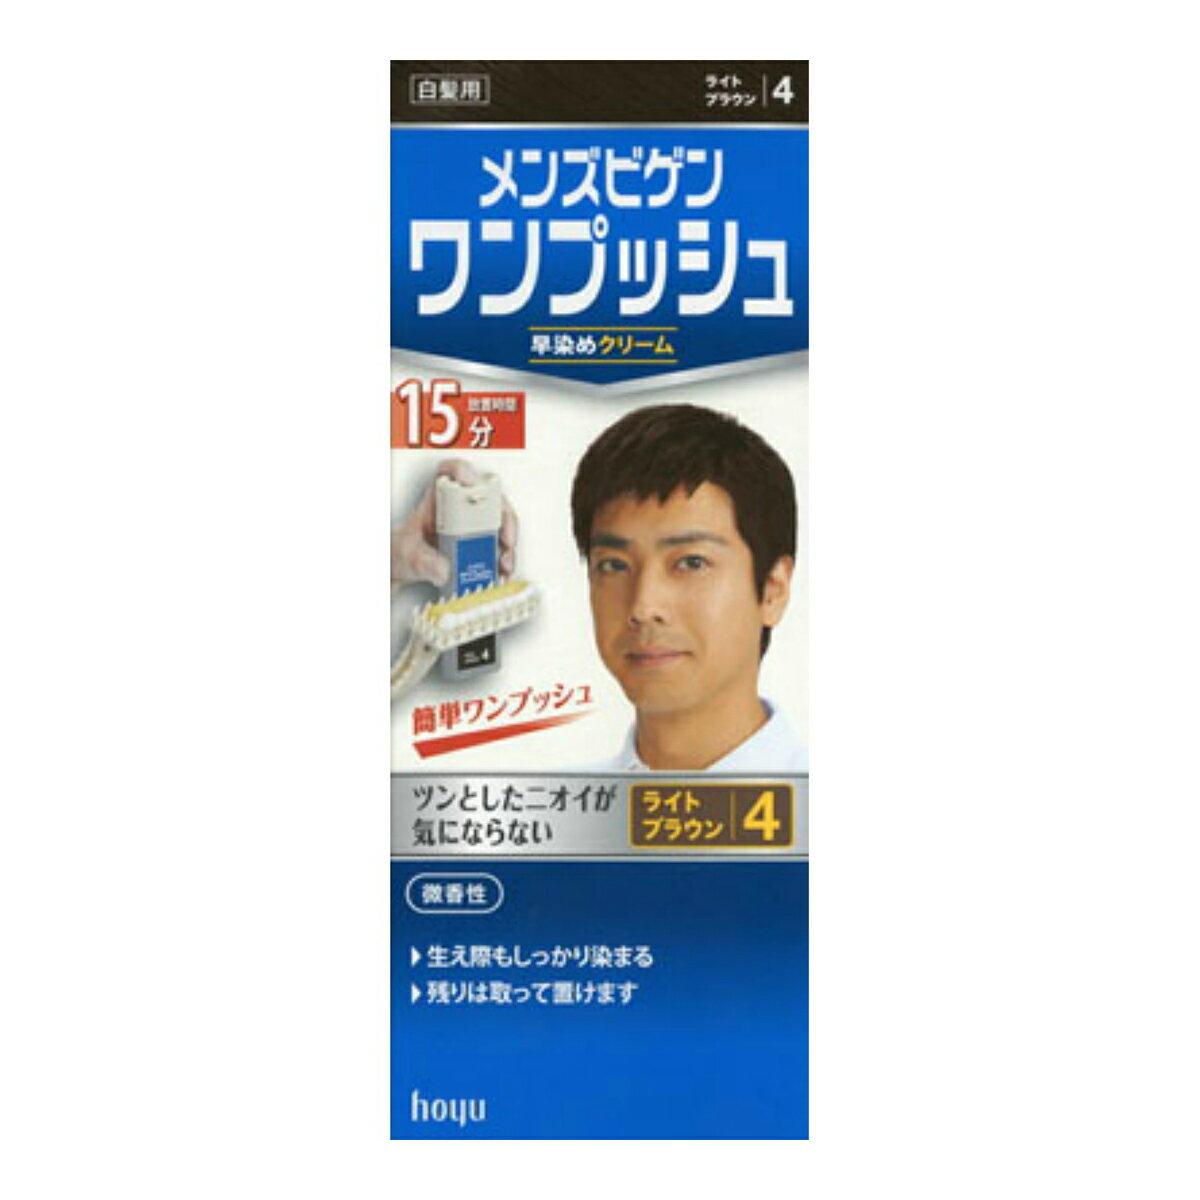 【送料無料】ホーユー メンズビゲン ワンプッシュ 4 ライトブラウン 内容量:1剤40g、2剤40g、 ( ショートヘア約2回分 ) ヘアカラー ( おしゃれ染め ) 男性用×27点セット まとめ買い特価!ケース販売 ( 4987205100642 ) 混ぜる手間がいらない、簡単ワンプッシュの男性用ヘアカラー ( おしゃれ染め ) です。ワンプッシュするだけで、1剤と2剤 ライトブラウン。明るく染めたい方に 4987205100642